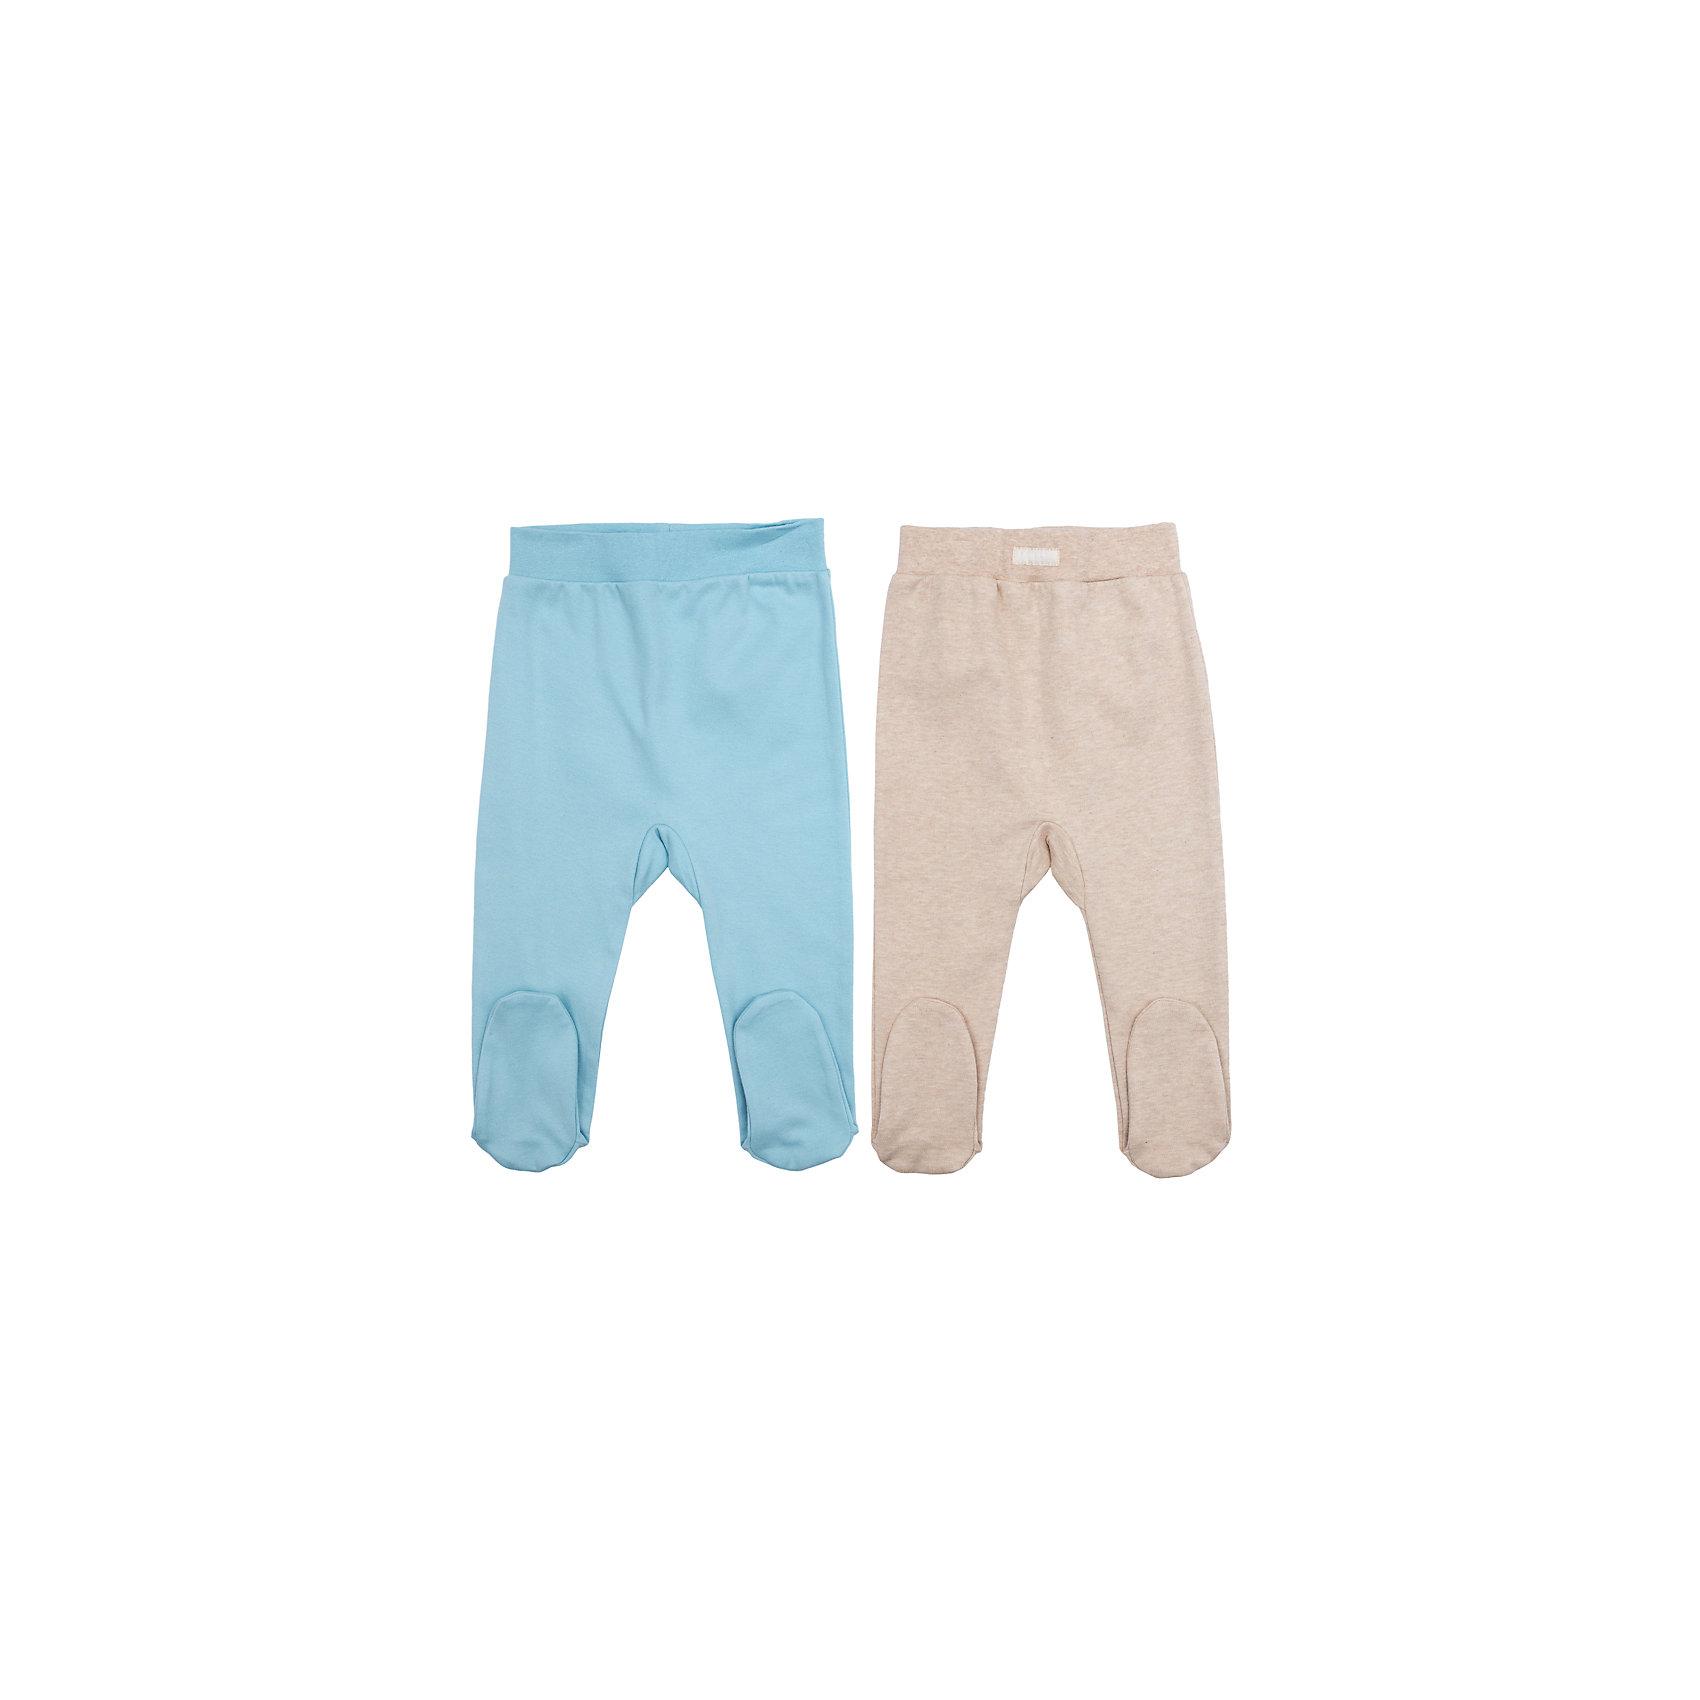 Ползунки, 2 шт для мальчика PlayTodayПолзунки и штанишки<br>Ползунки, 2 шт для мальчика PlayToday<br>Ползунки подойдут и для домашнего использования, и для прогулок. Модели из мягкой натуральной ткани, не вызывающей раздражений. Широкие резинки на поясе не сдавливают живот ребенка.<br>Состав:<br>100% хлопок<br><br>Ширина мм: 157<br>Глубина мм: 13<br>Высота мм: 119<br>Вес г: 200<br>Цвет: разноцветный<br>Возраст от месяцев: 3<br>Возраст до месяцев: 6<br>Пол: Мужской<br>Возраст: Детский<br>Размер: 68,62,74,56<br>SKU: 5408024